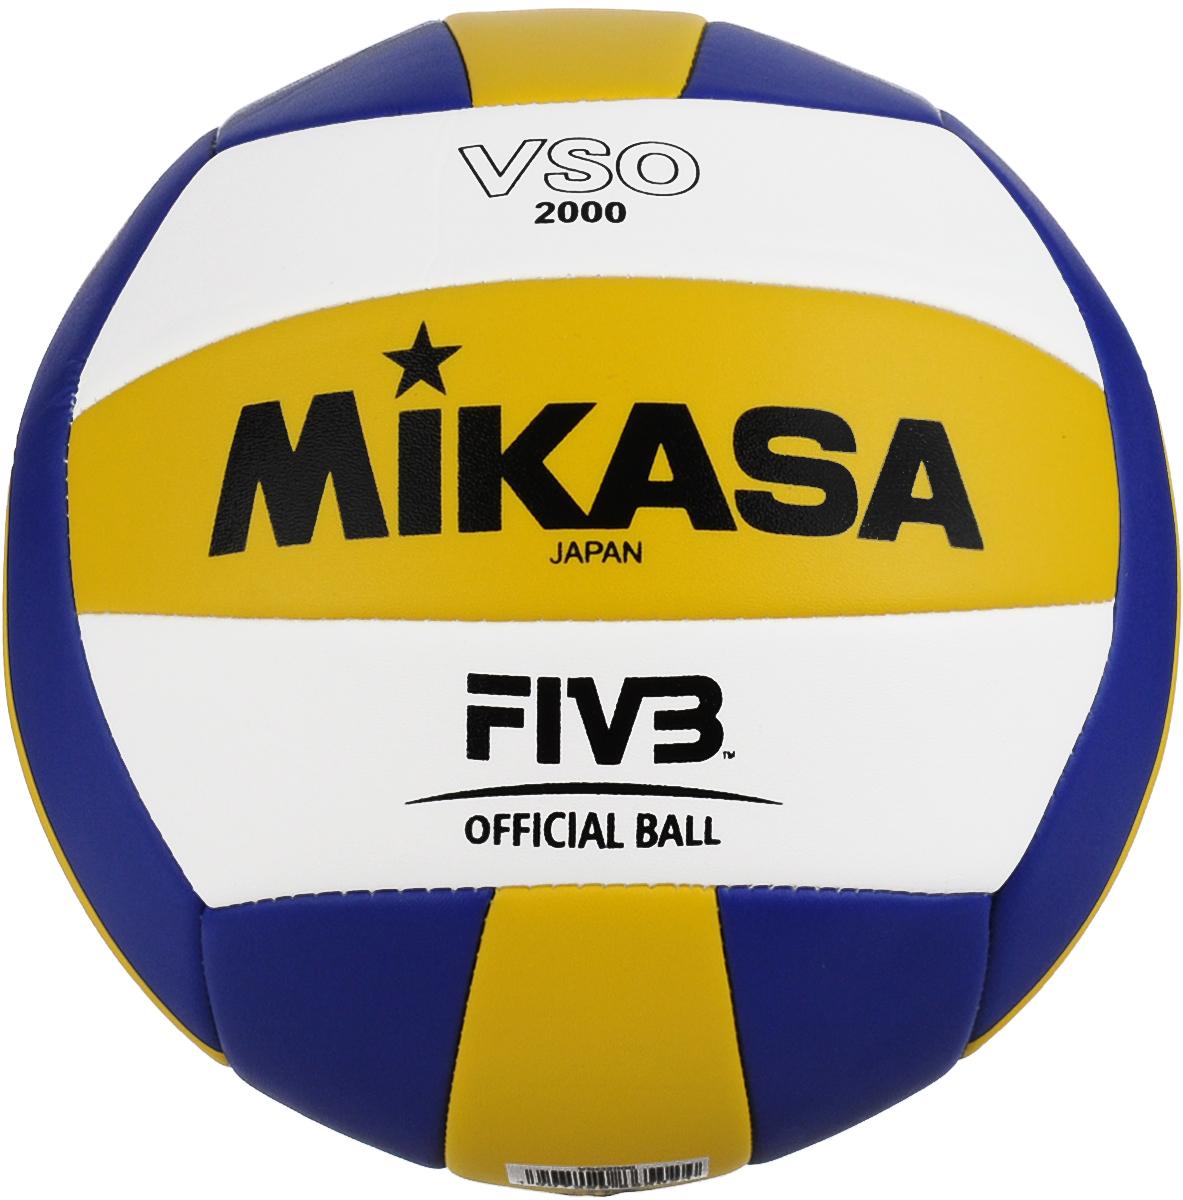 Мяч волейбольный Mikasa VSO 2000. Размер 5120330_yellow/blackОблегченный мяч Mikasa VSO 2000 предназначен для тренировок начинающих волейболистов и любителей. Изделие состоит из 18 панелей, выполненных из синтетической кожи. Камера изготовлена из бутила. Технология сшивки панелей TwinSTLock обеспечивает долговечность и прочность, как у клееного мяча.УВАЖЕМЫЕ КЛИЕНТЫ!Обращаем ваше внимание на тот факт, что мяч поставляется в сдутом виде. Насос в комплект не входит.